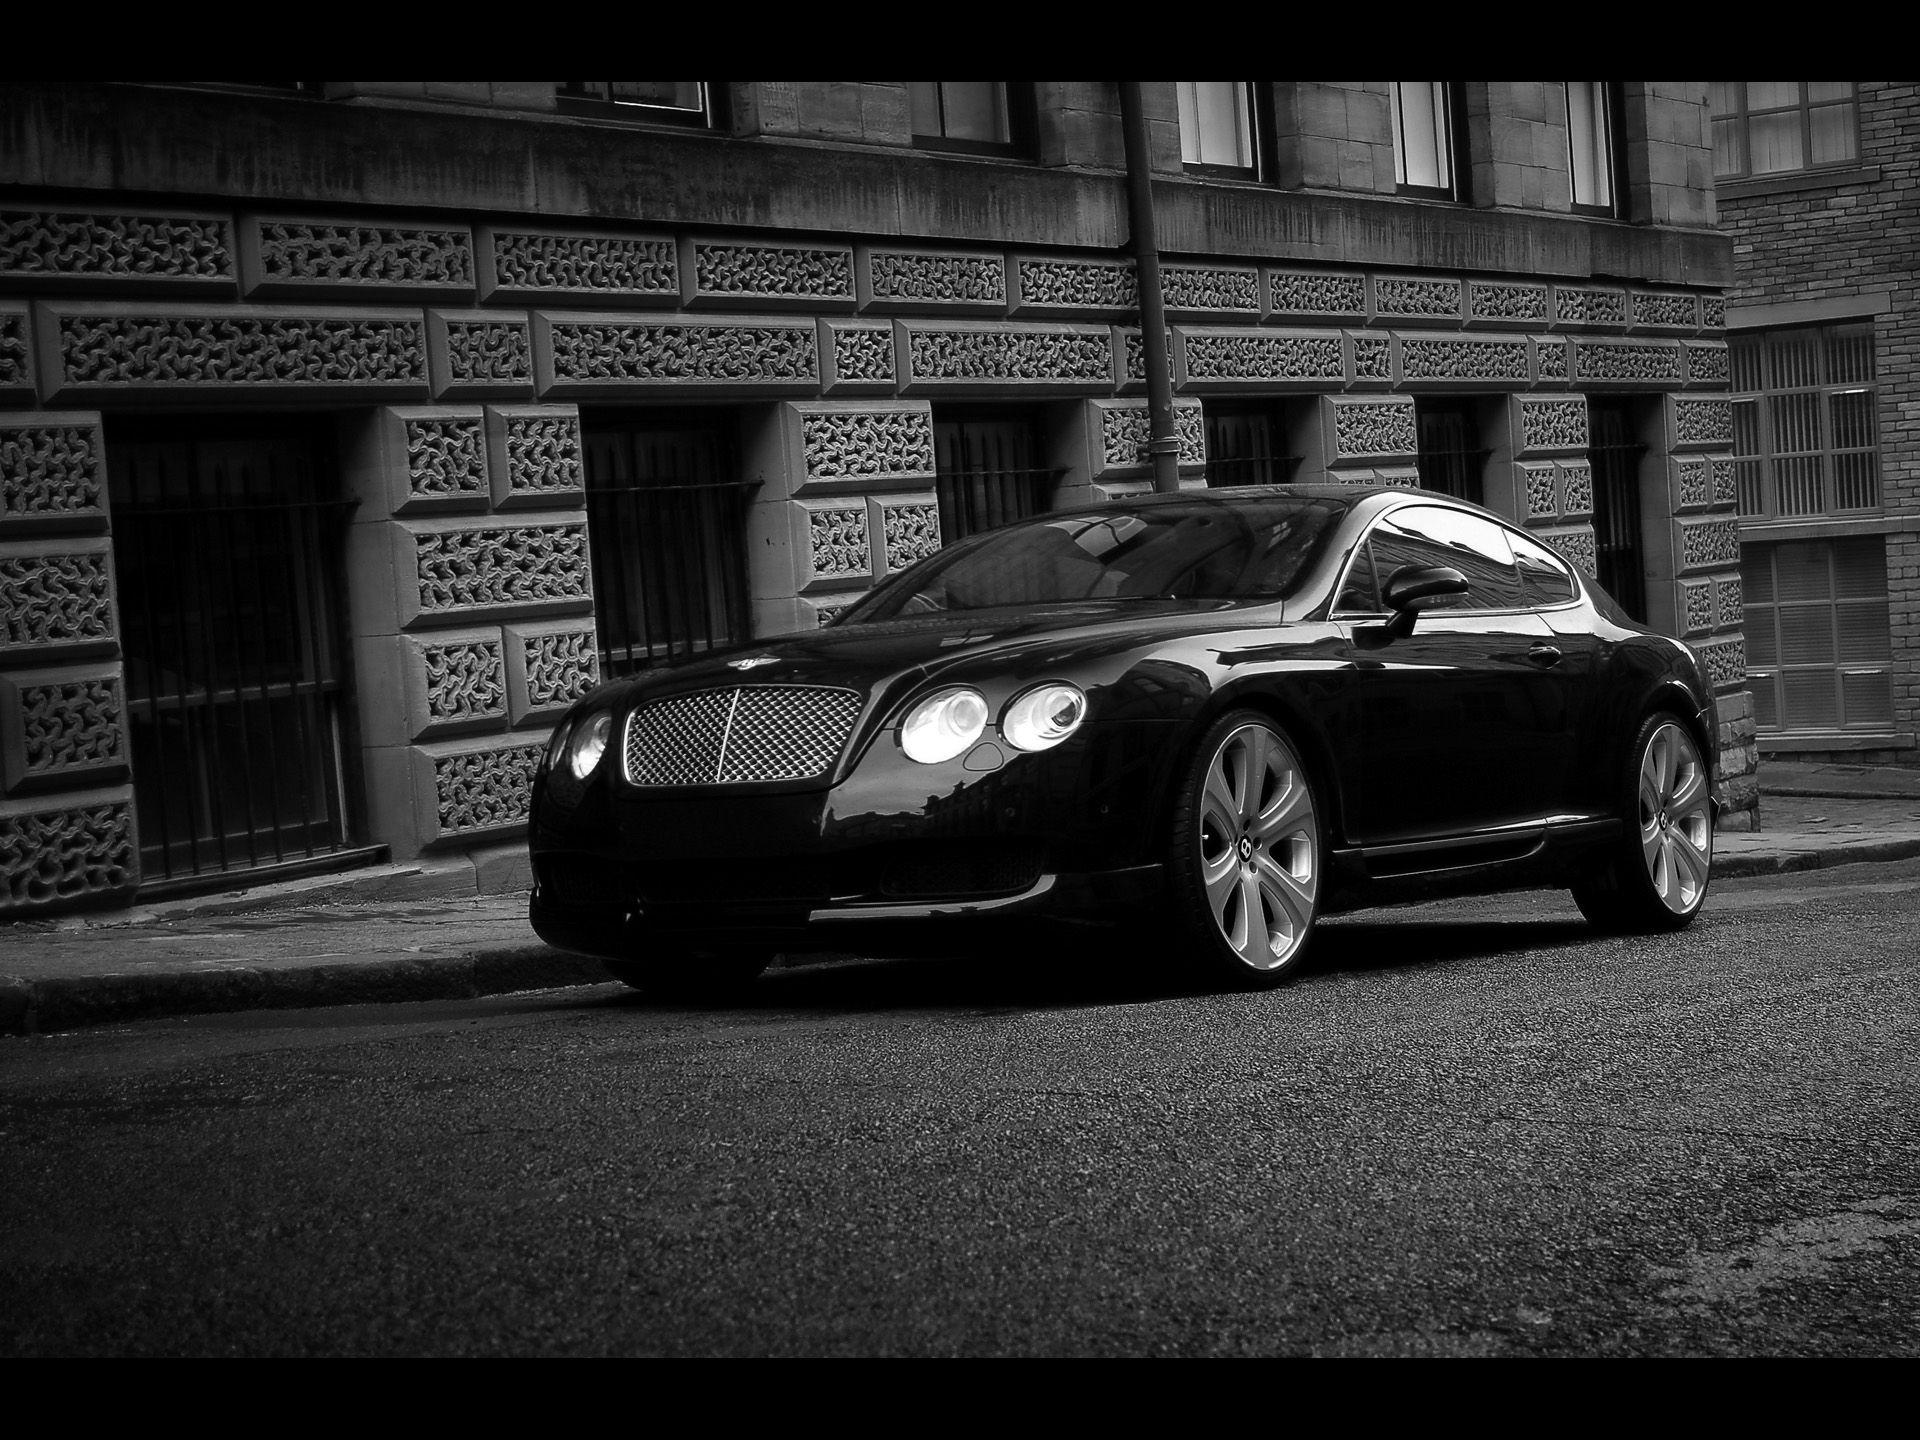 2008 Project Kahn Bentley Continental Gt S Bentley Continental Gt Bentley Gt Bentley Car